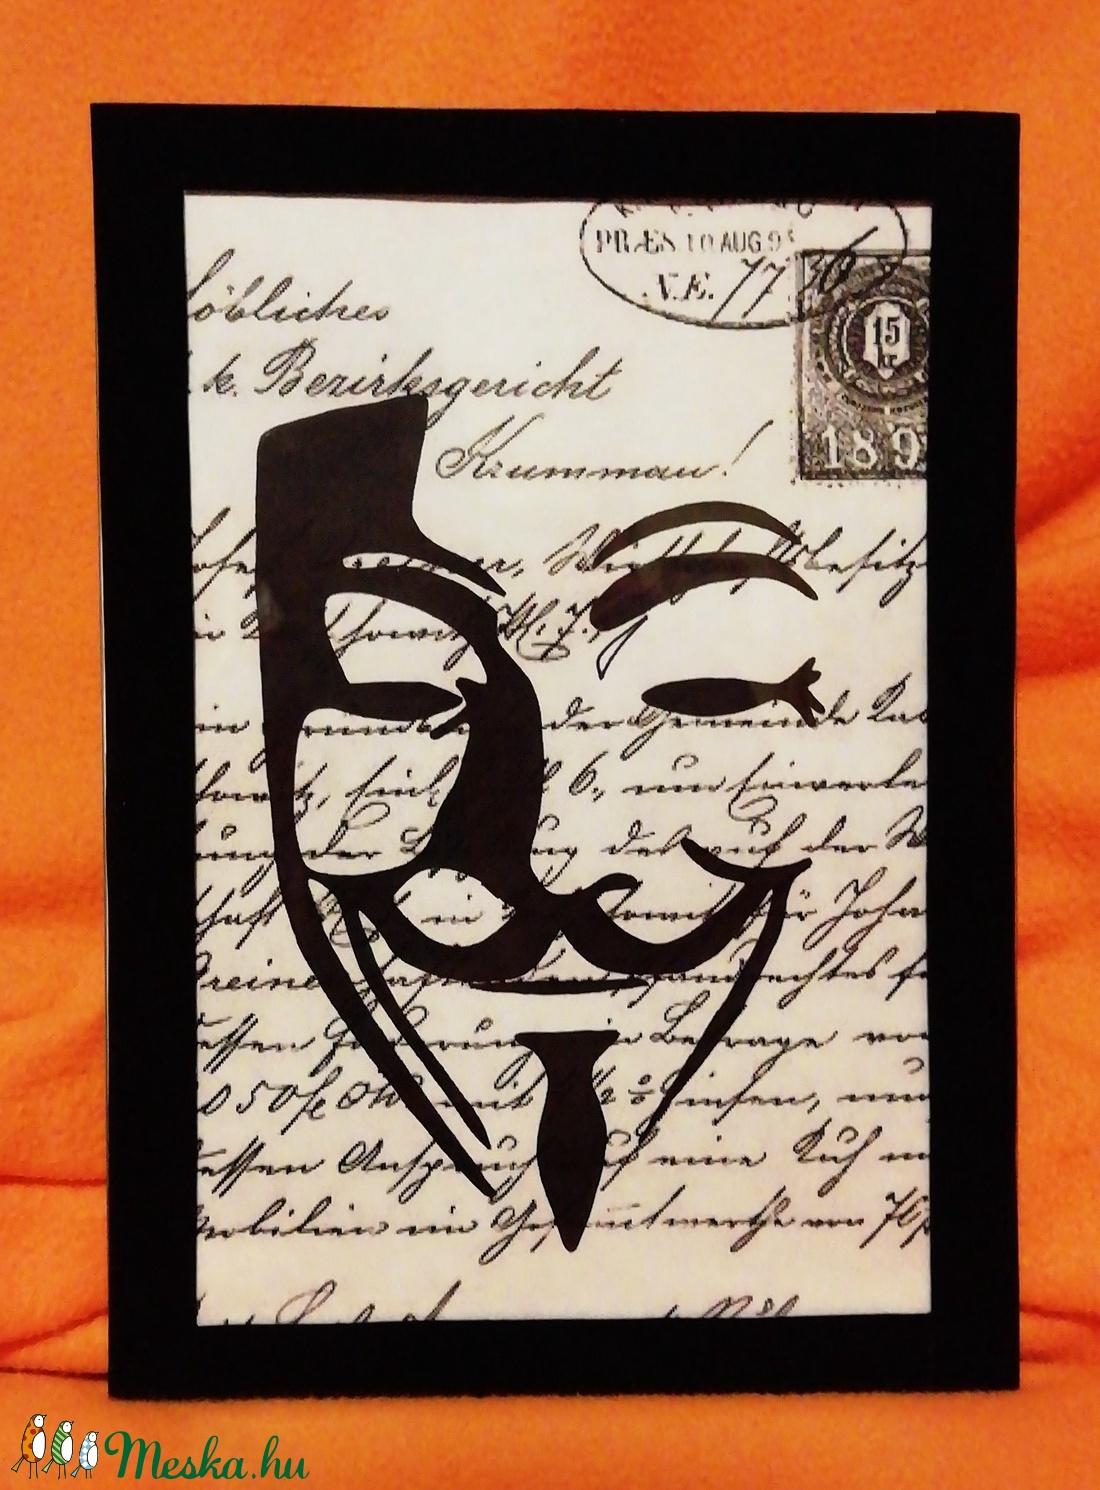 Vendetta Guy Fawkes Scary Party álarc/ FALI KÉP (A/4-es méretű) - Meska.hu